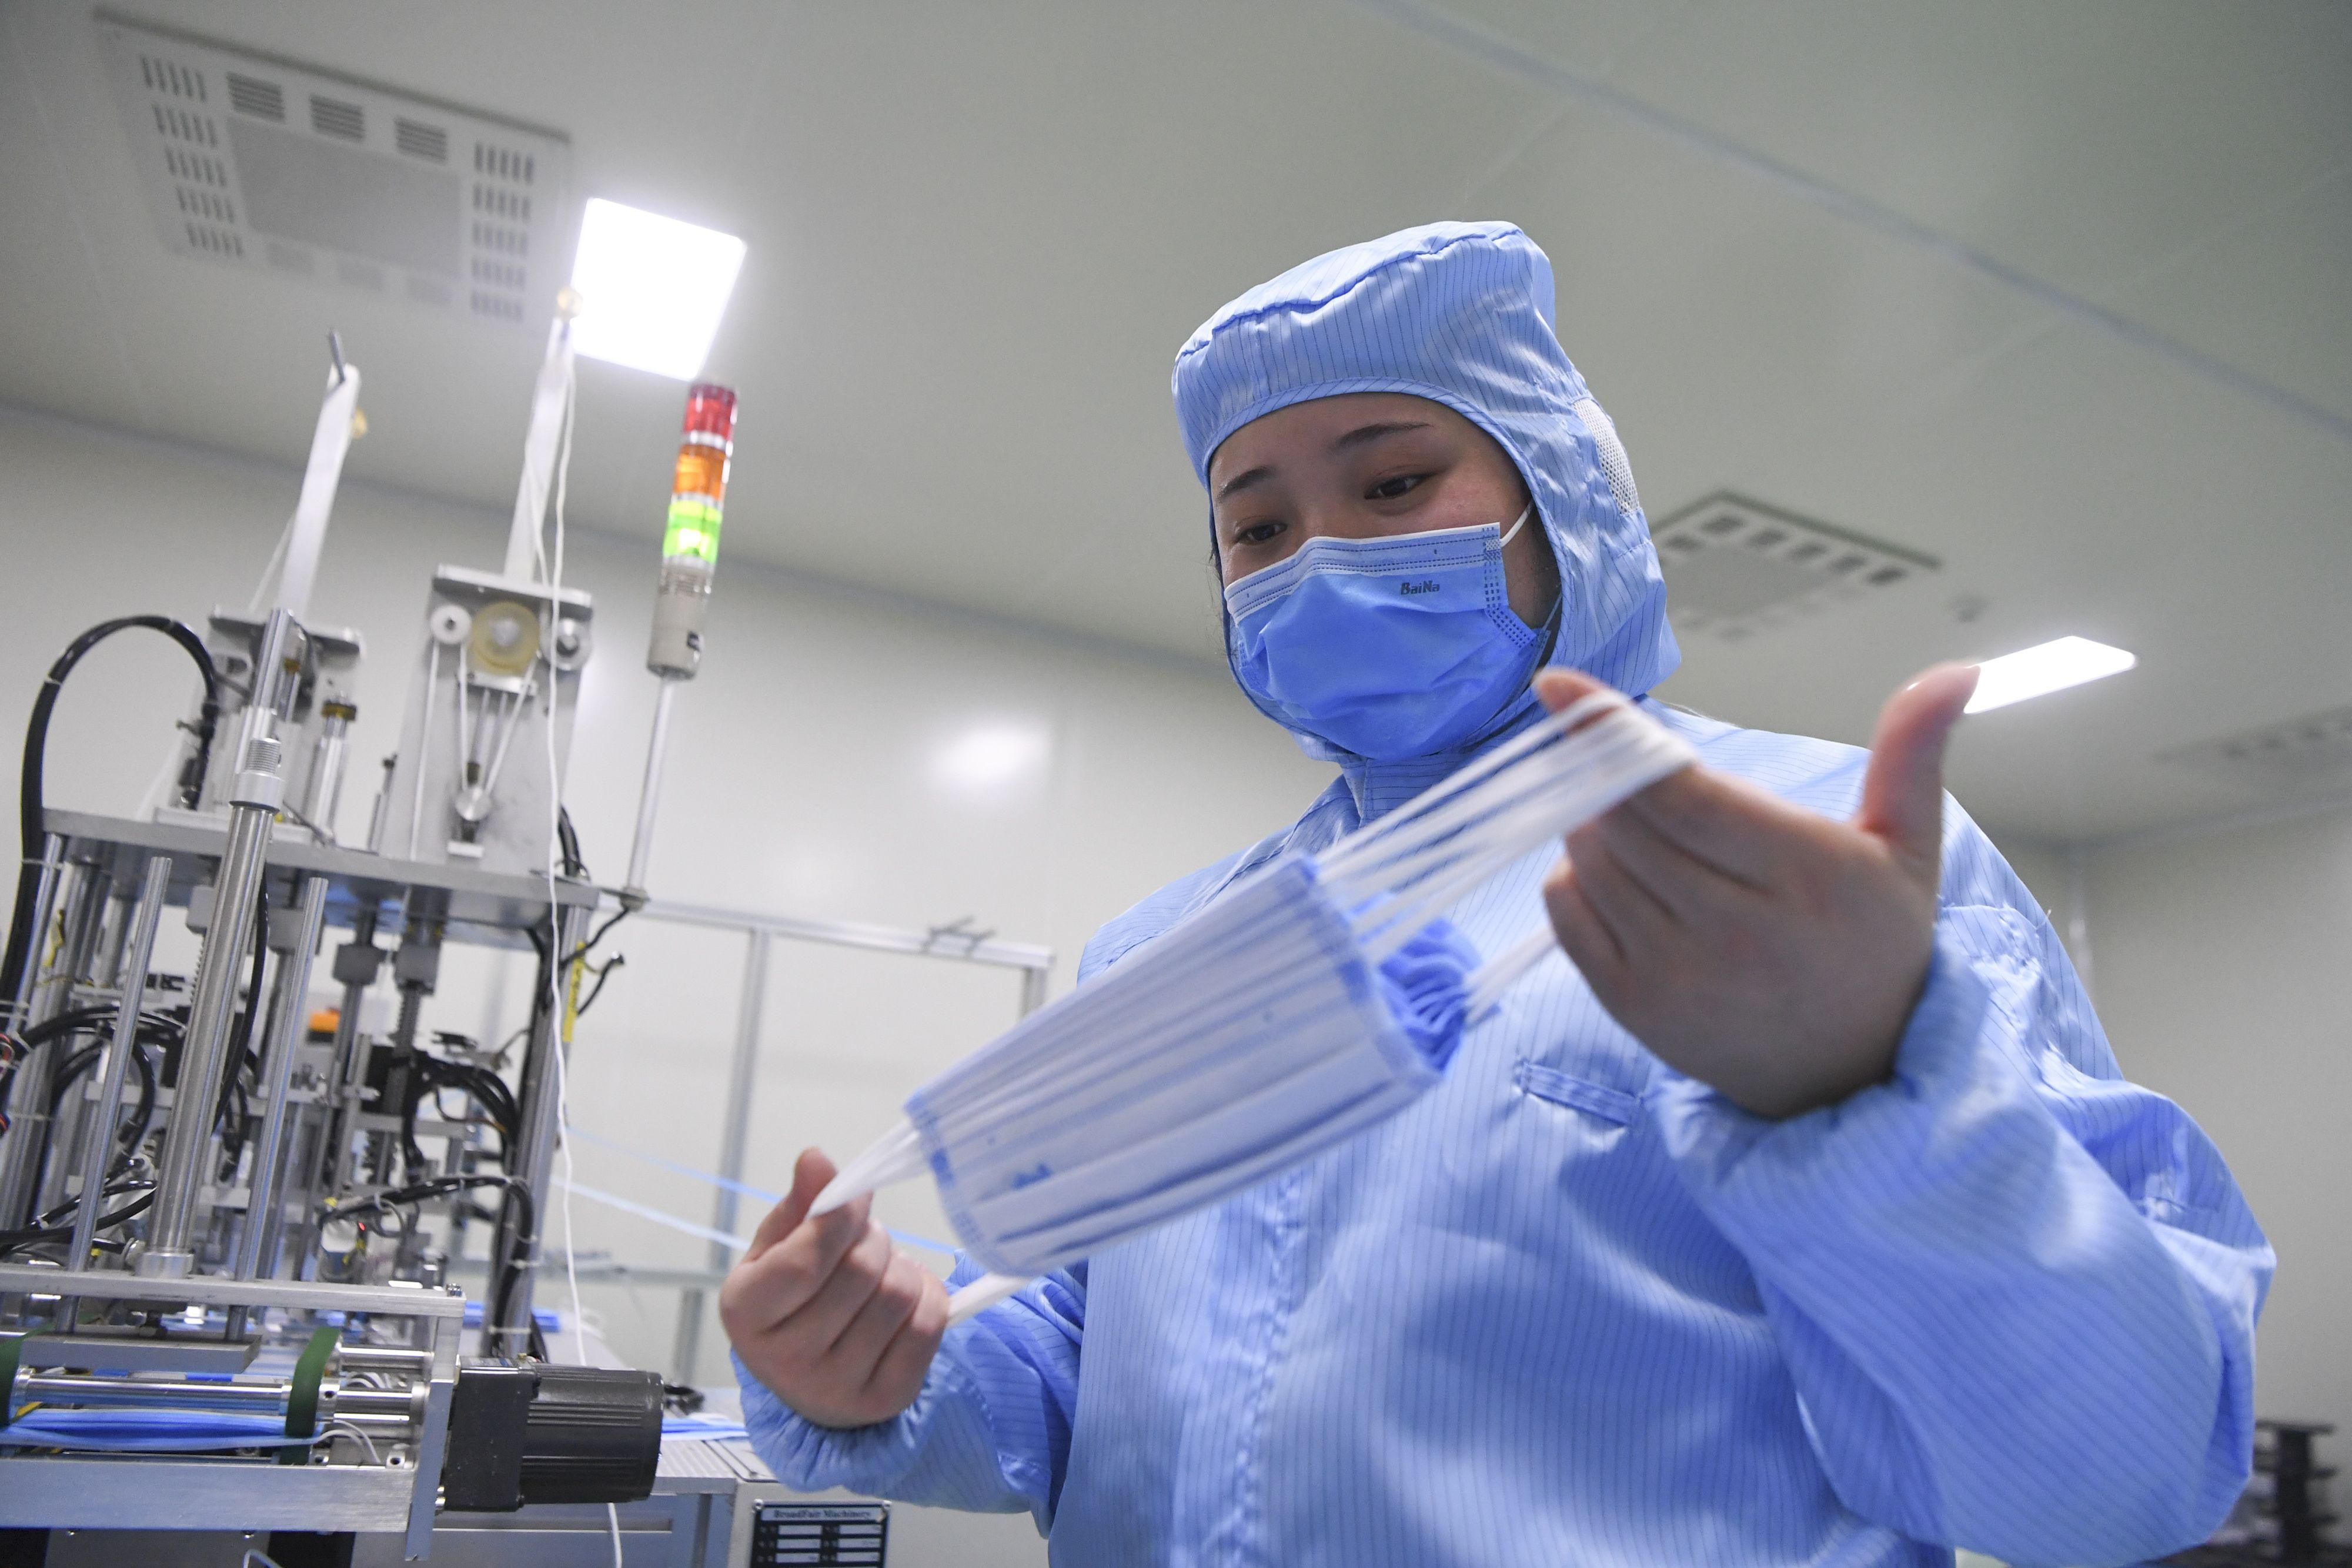 Production of face masks in Chongqing, China - 27 Jan 2020